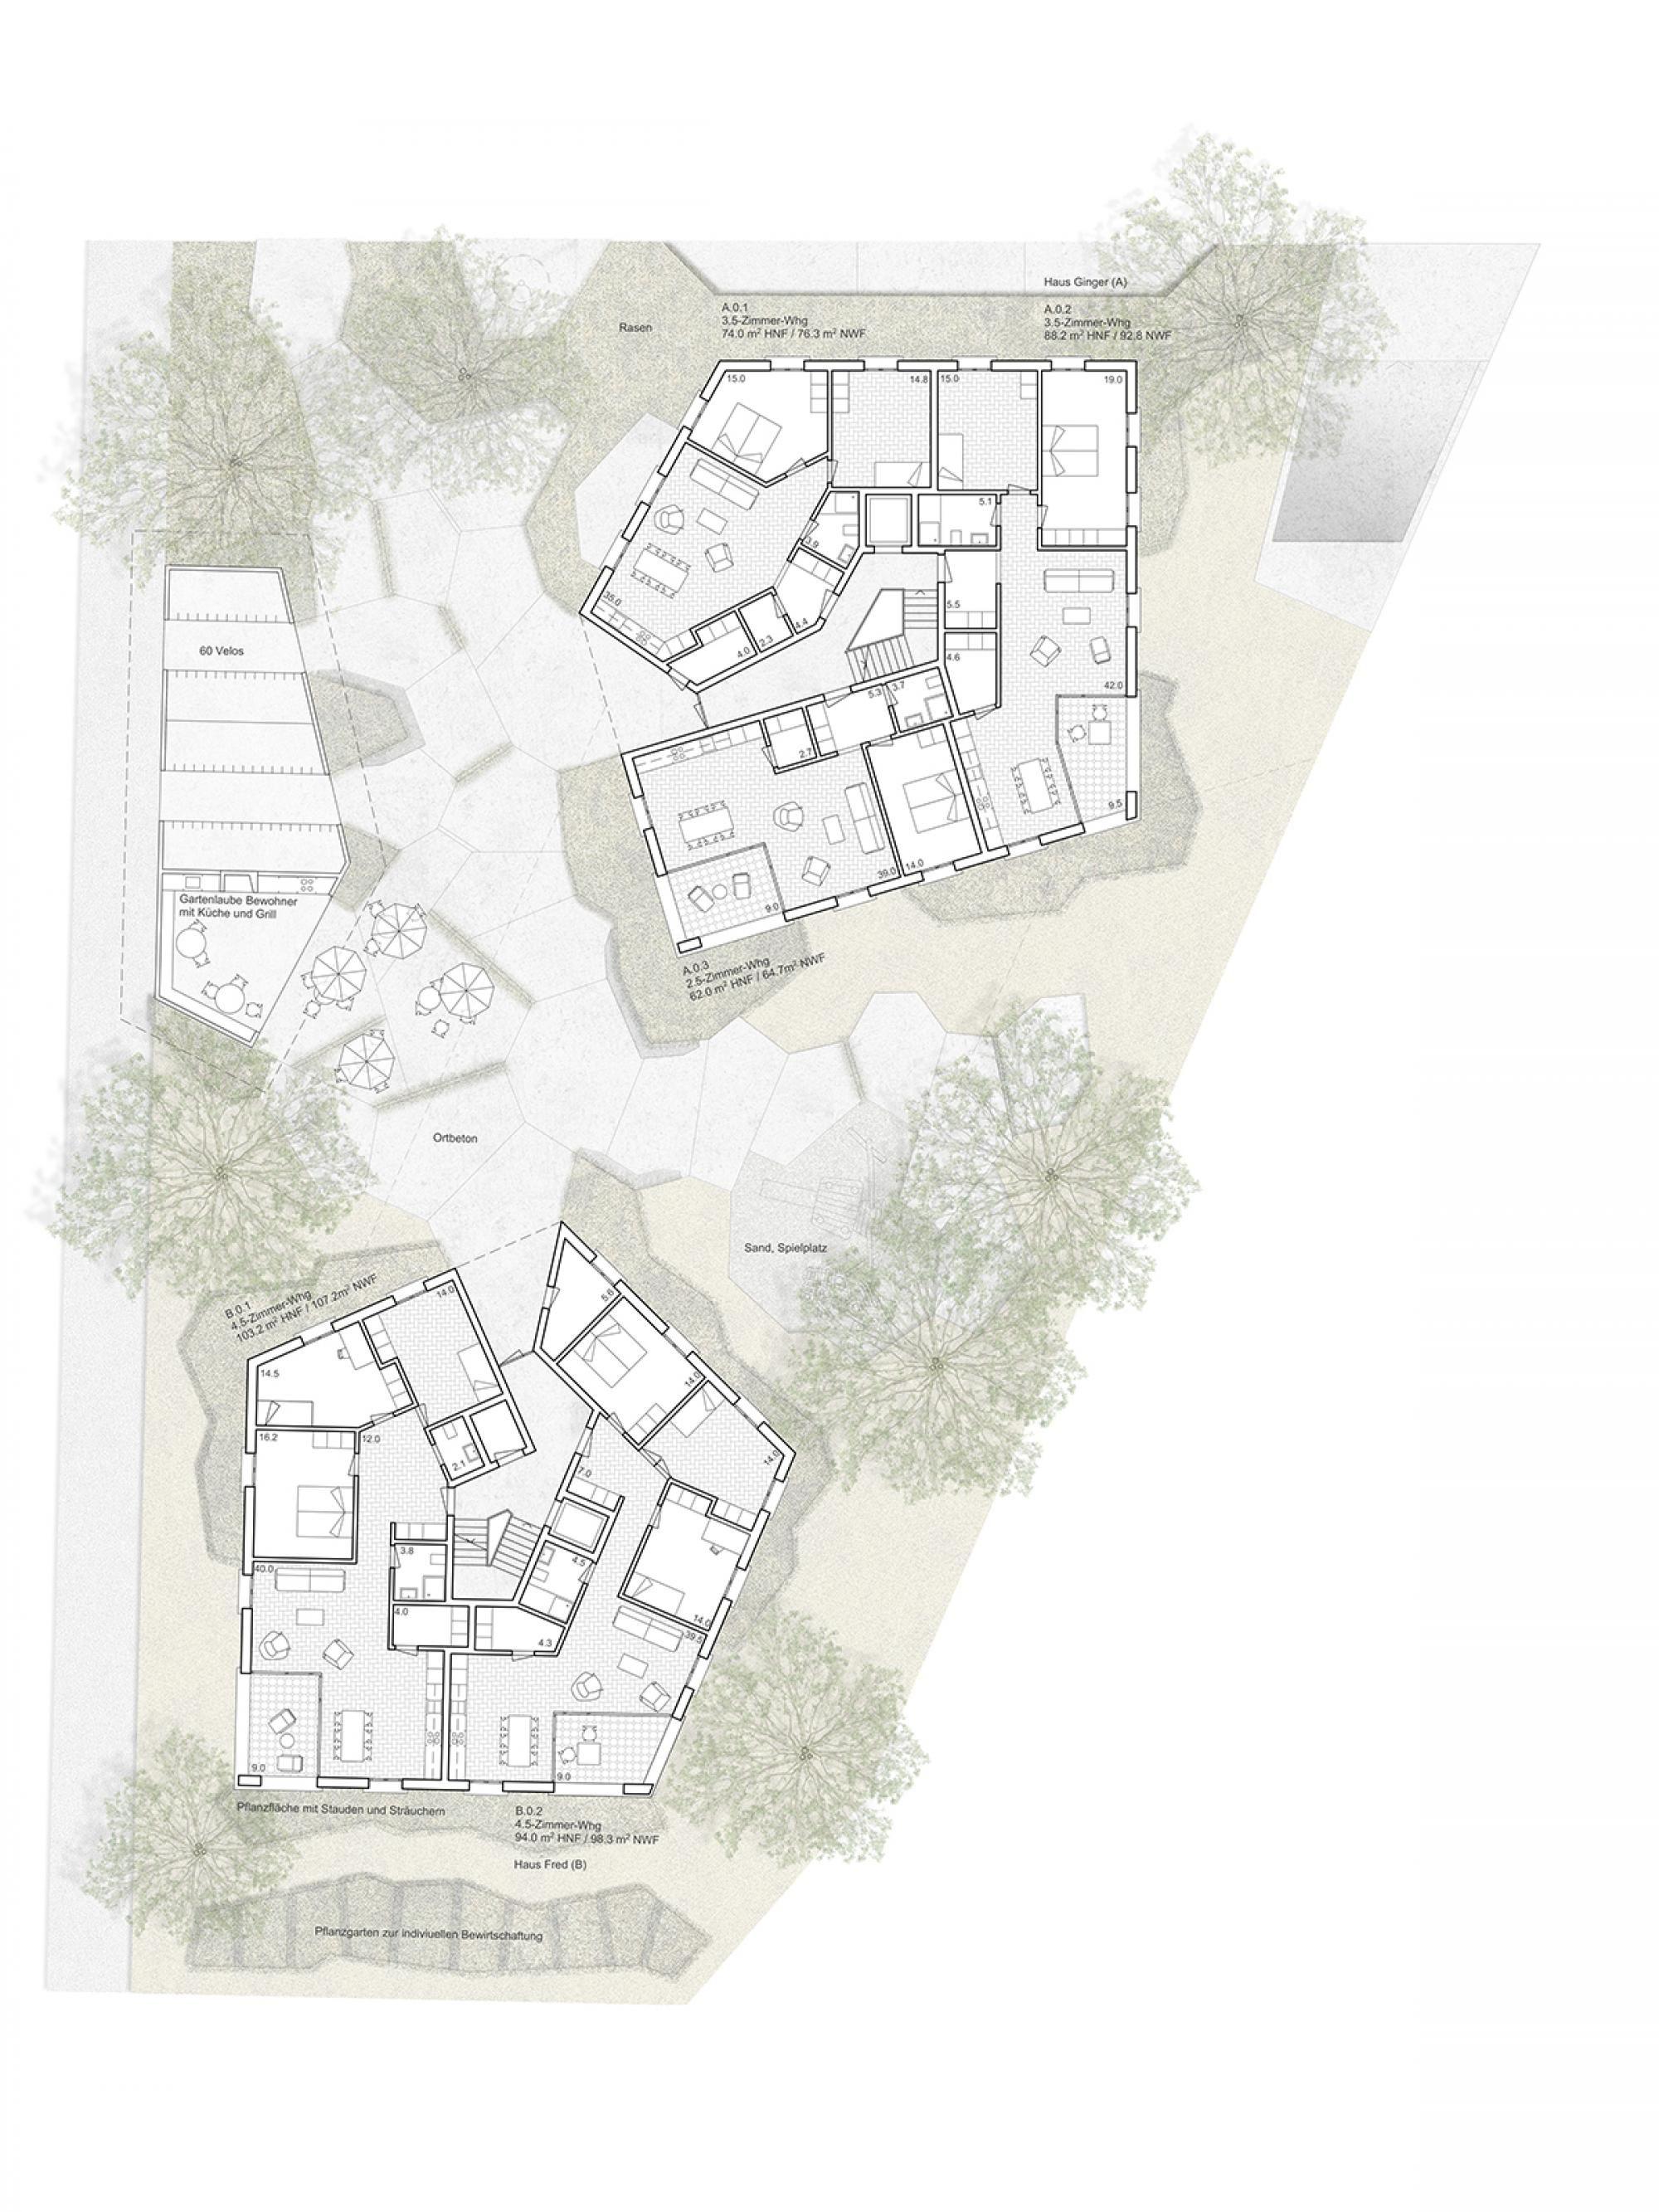 IGUAL&GUGGENHEIM Architekturbüro #architektonischepräsentation